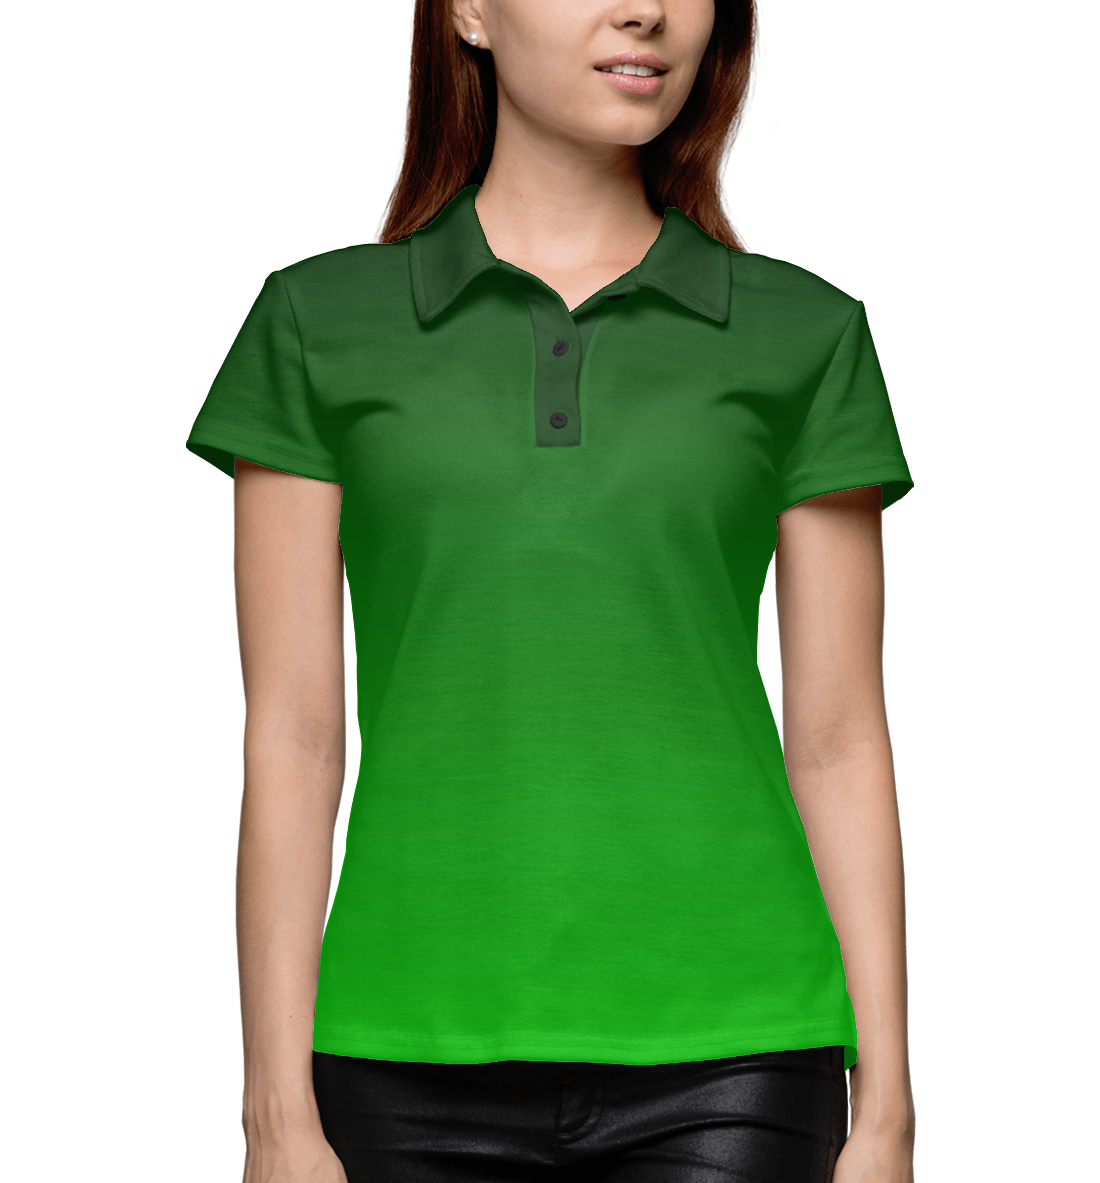 Купить Градиент Зеленый в Черный, Printbar, Поло, CLR-327769-pol-1